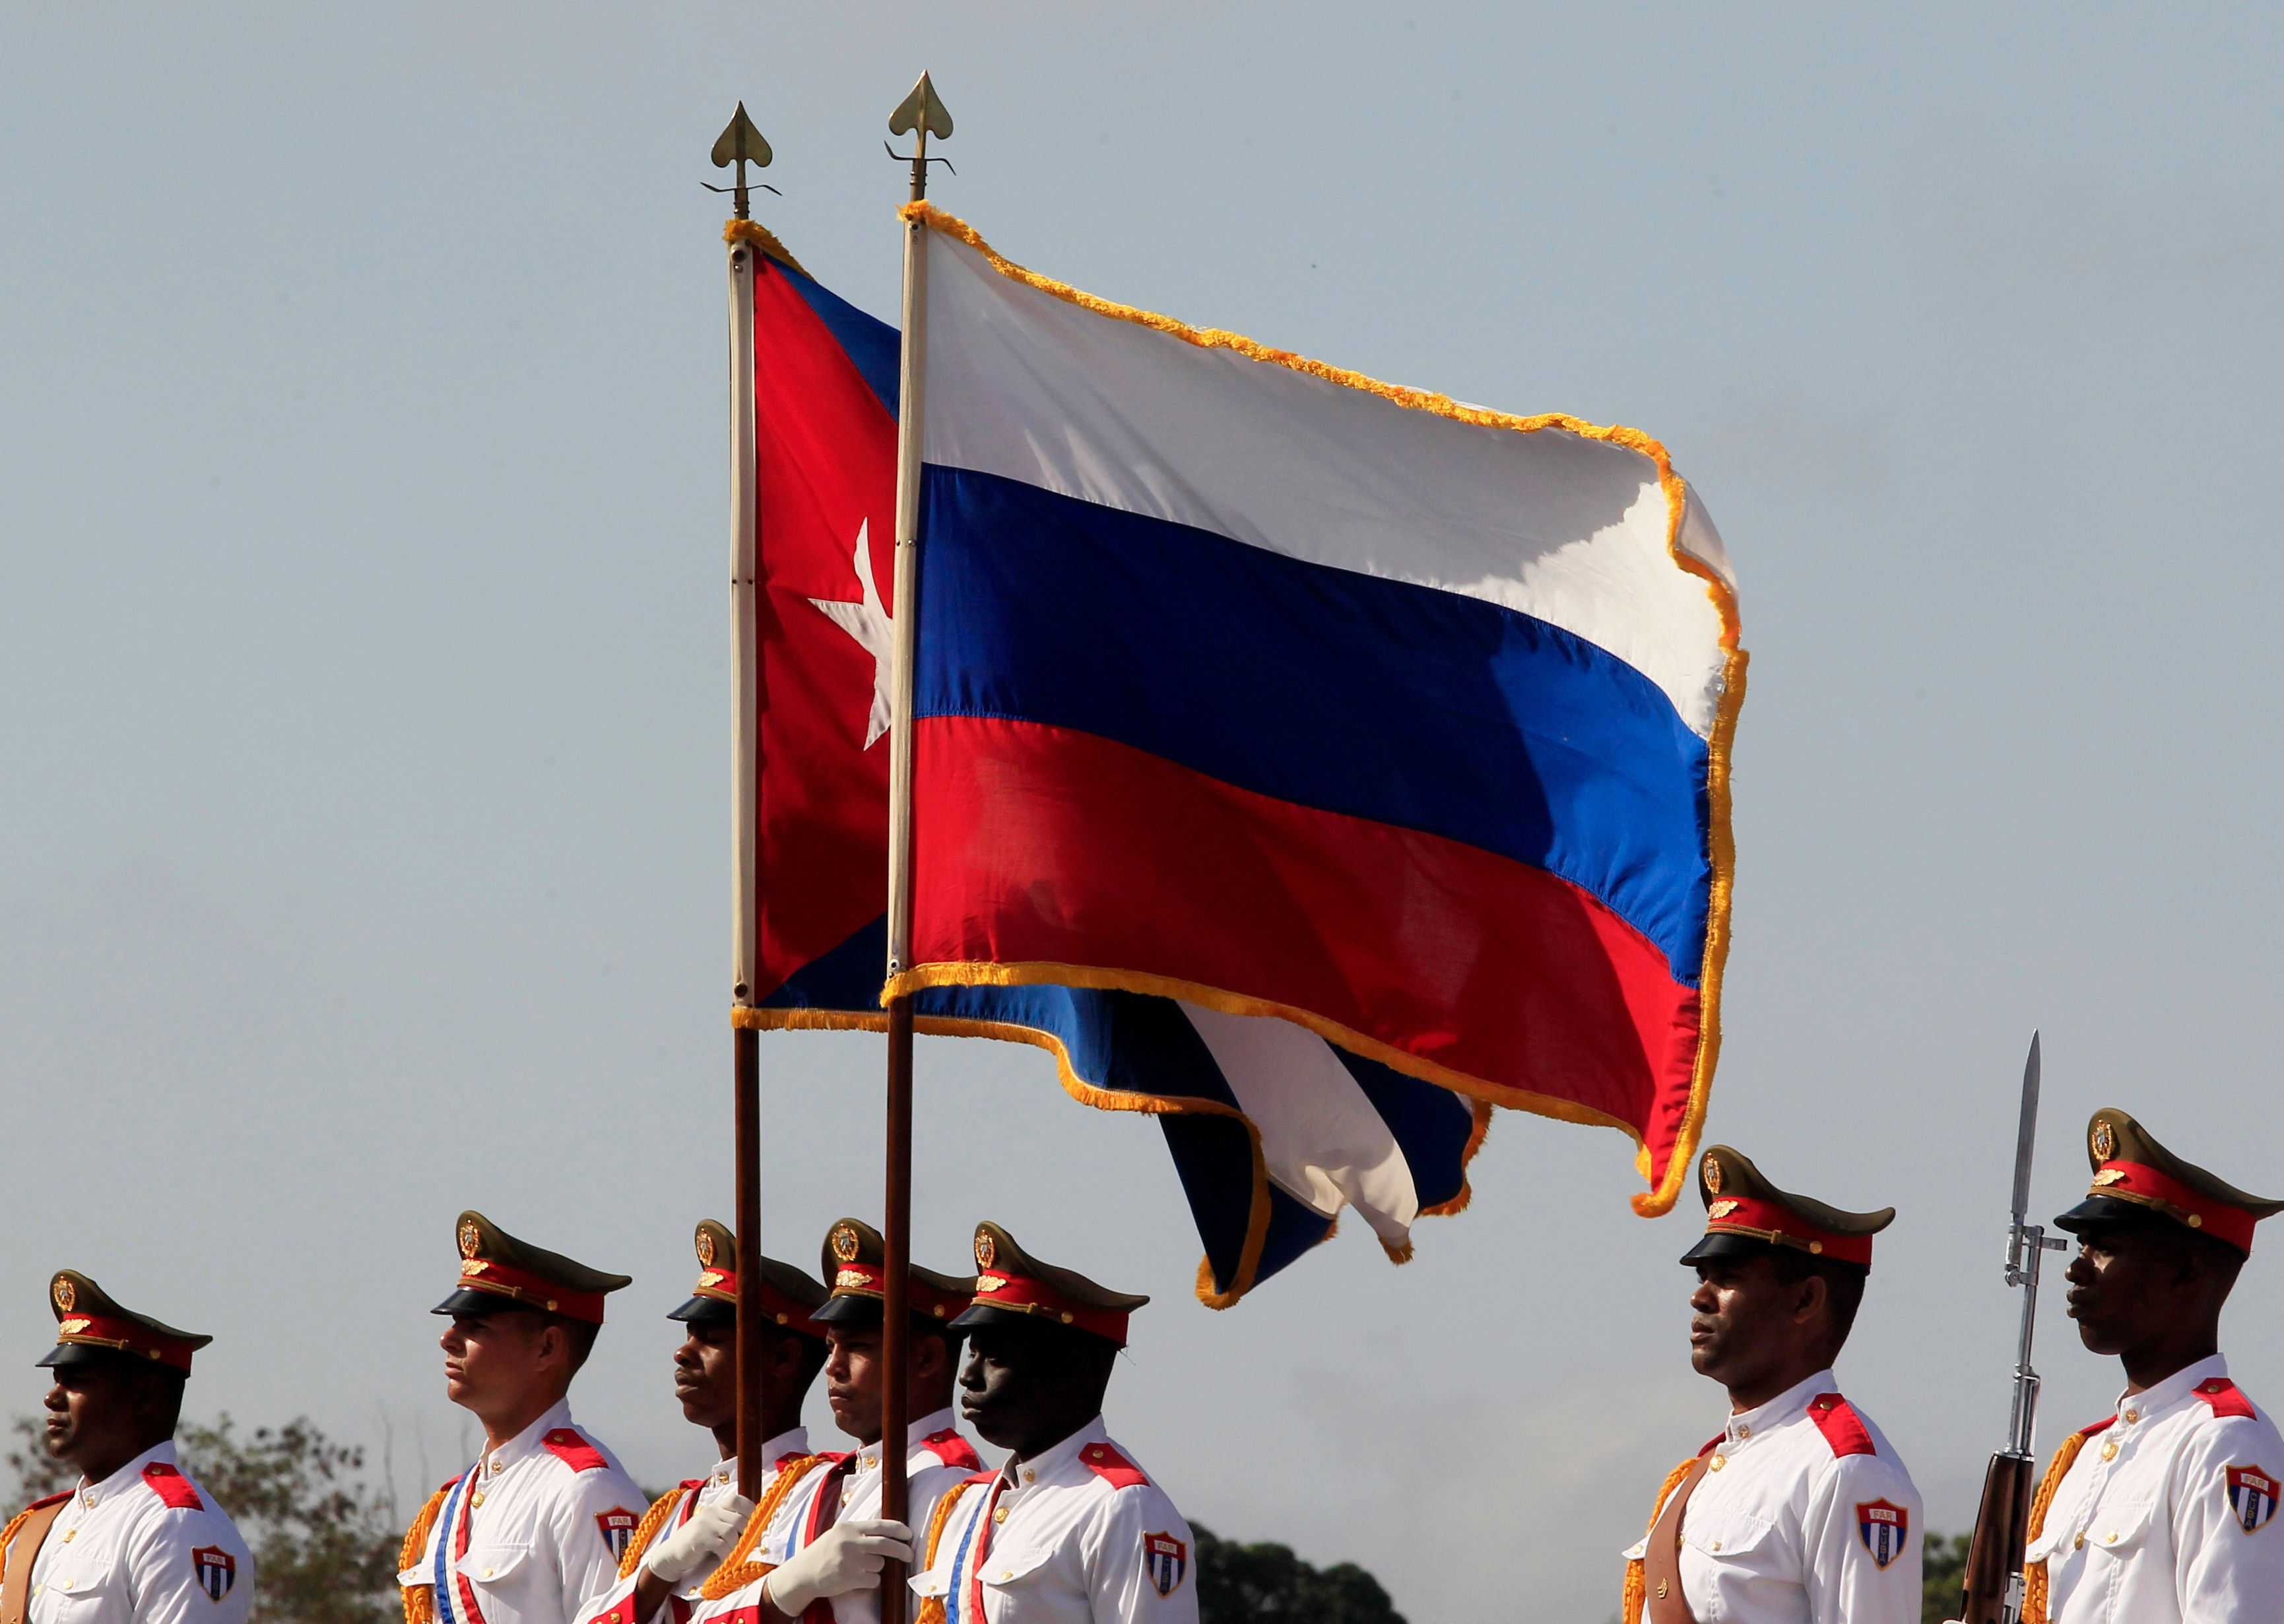 Beaucoup de médias attendaient le gouvernement russe au tournant de Sotchi.